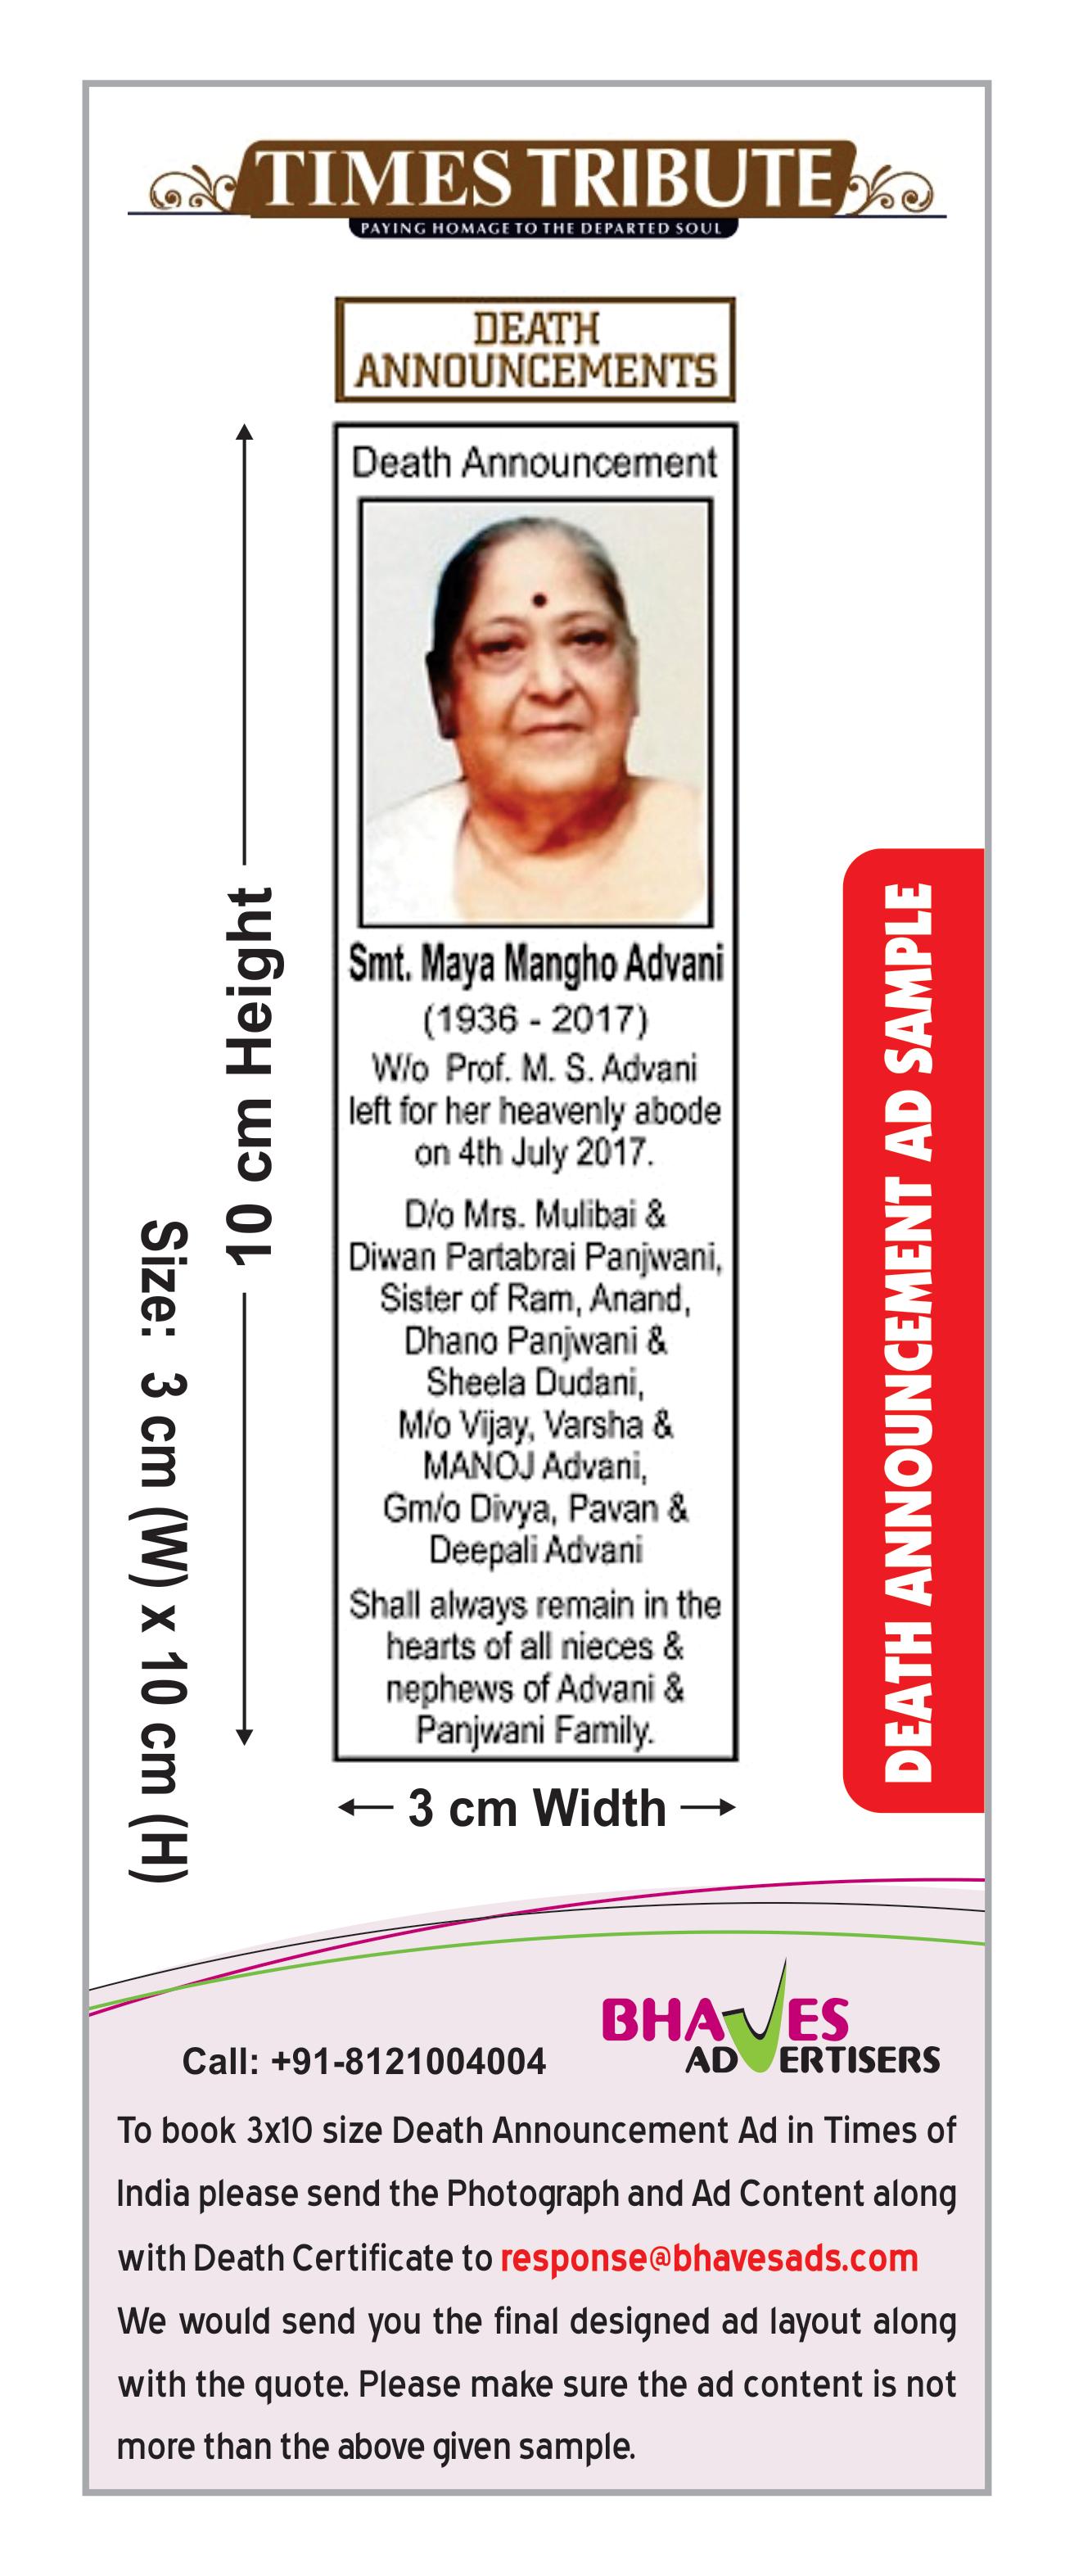 obituary ad rates for times of india newspaper  obituary